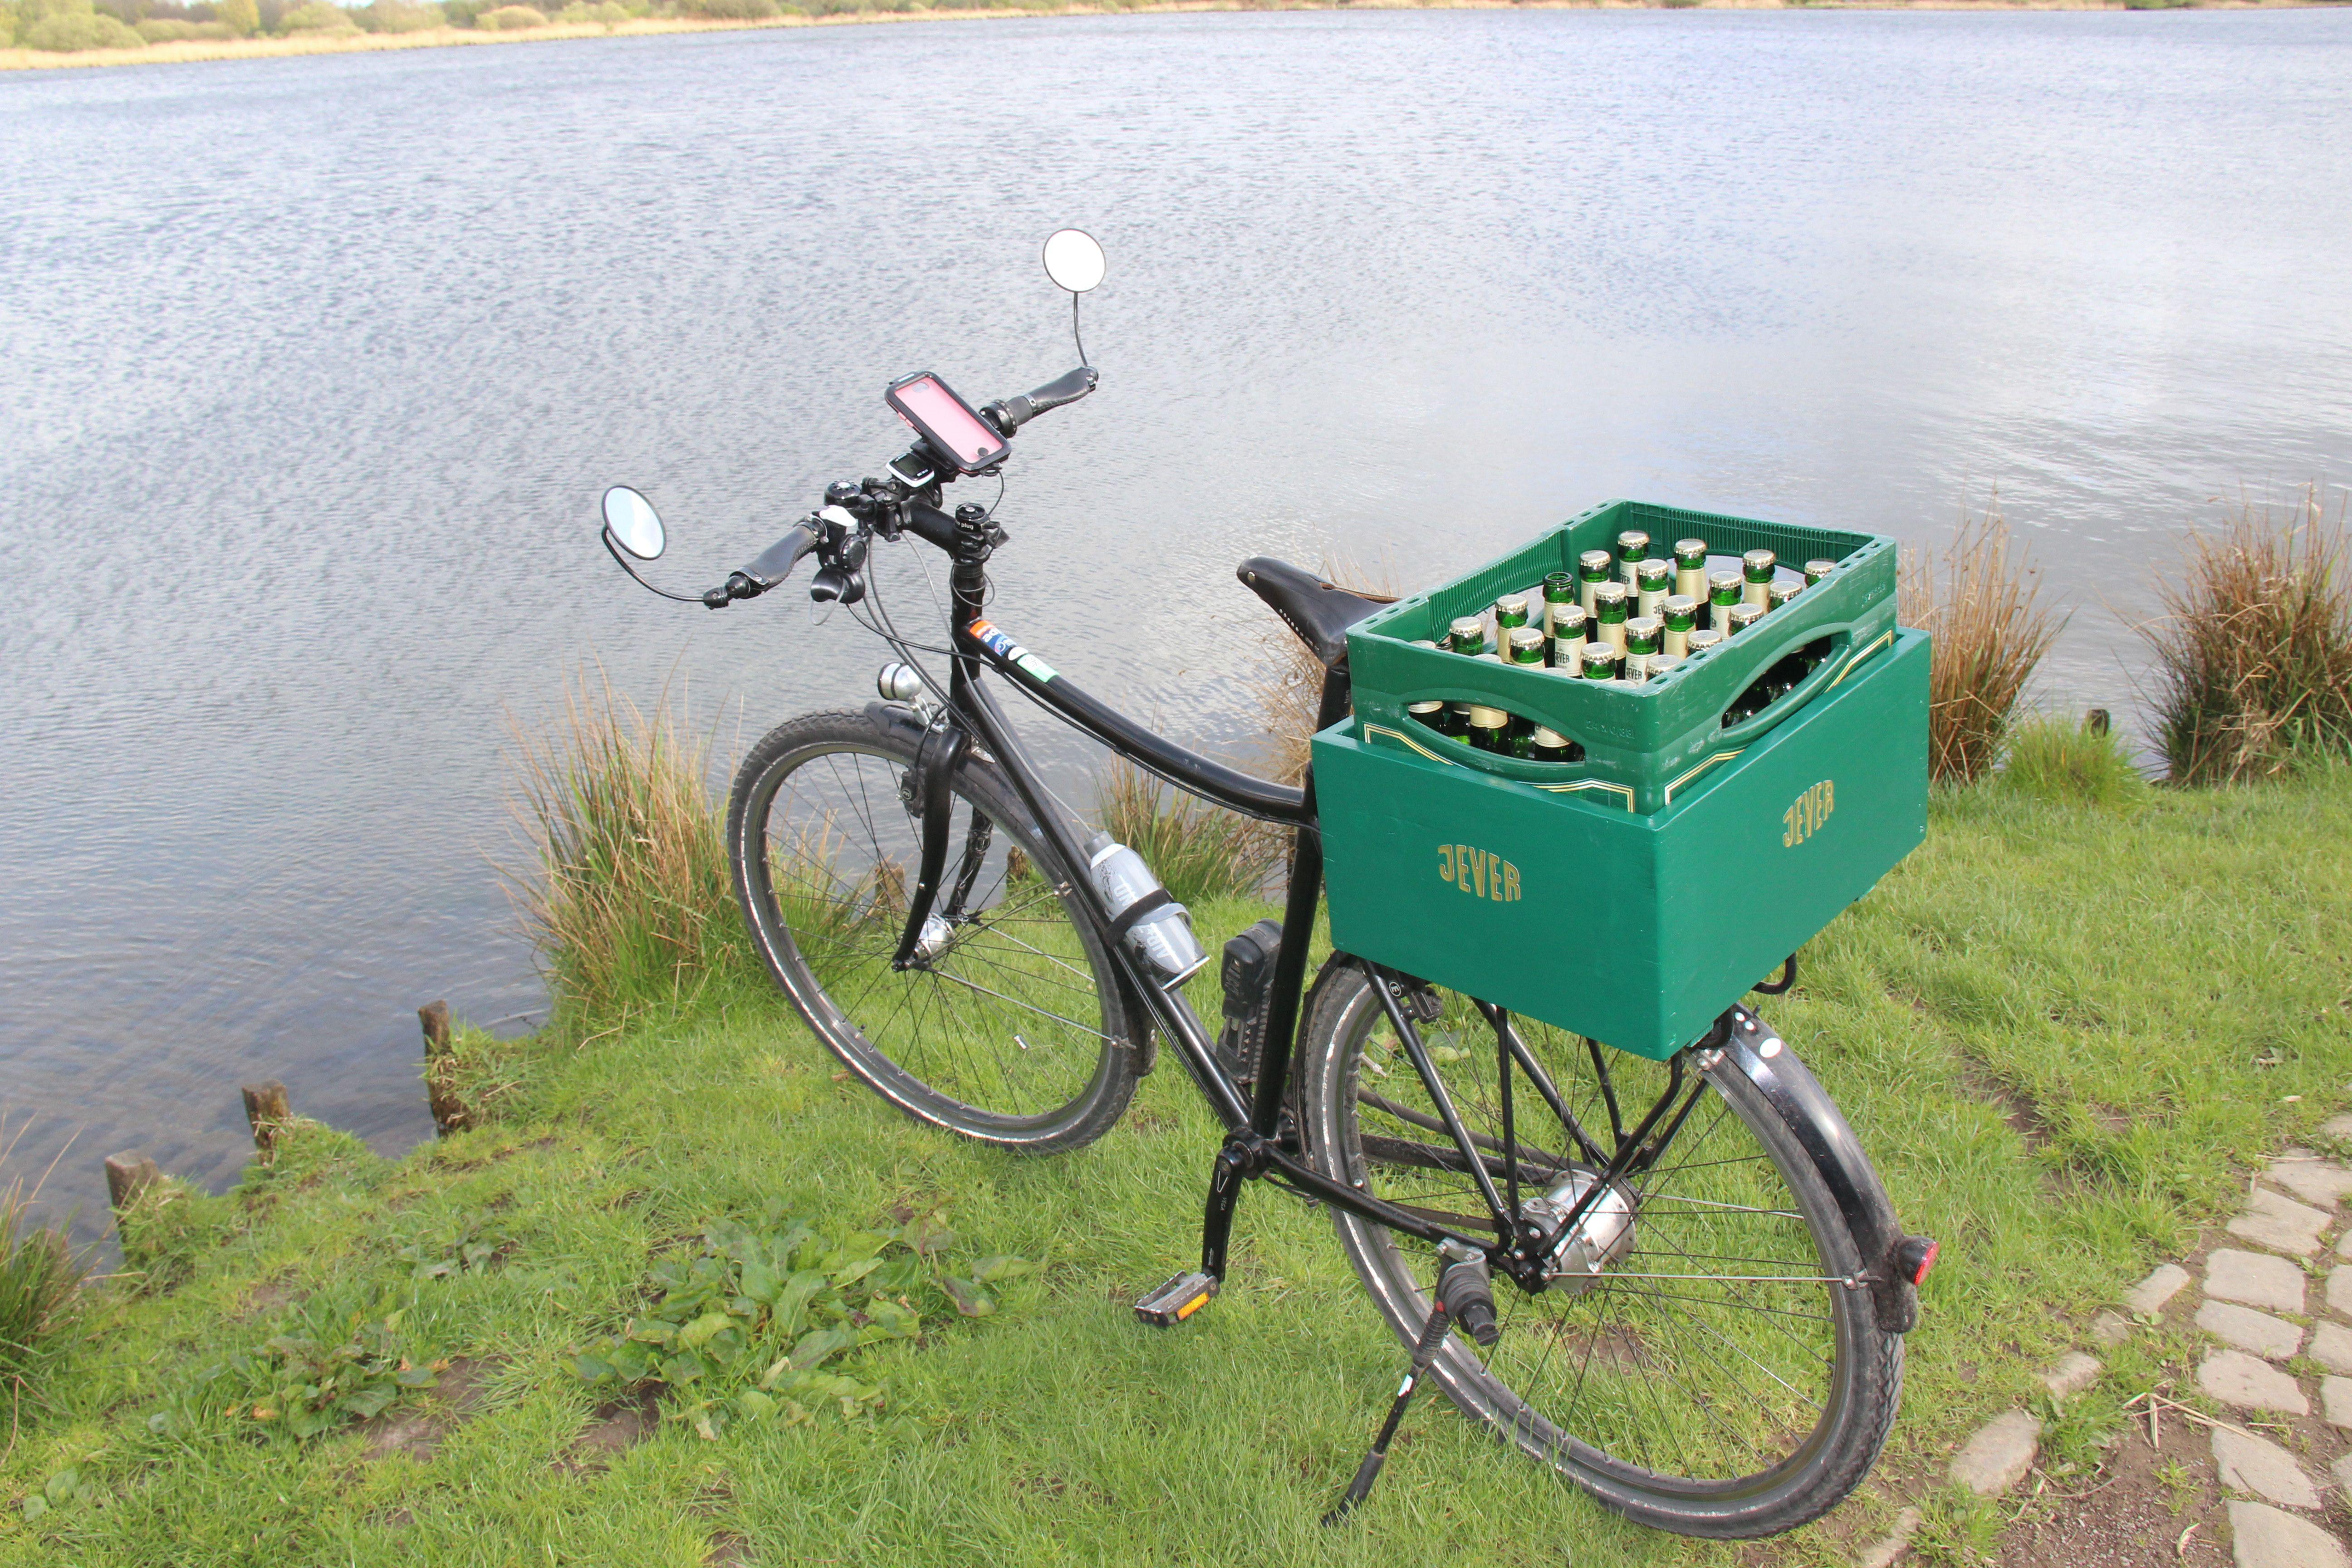 bier transport mit dem fahrrad dank racktime gep cktr ger. Black Bedroom Furniture Sets. Home Design Ideas